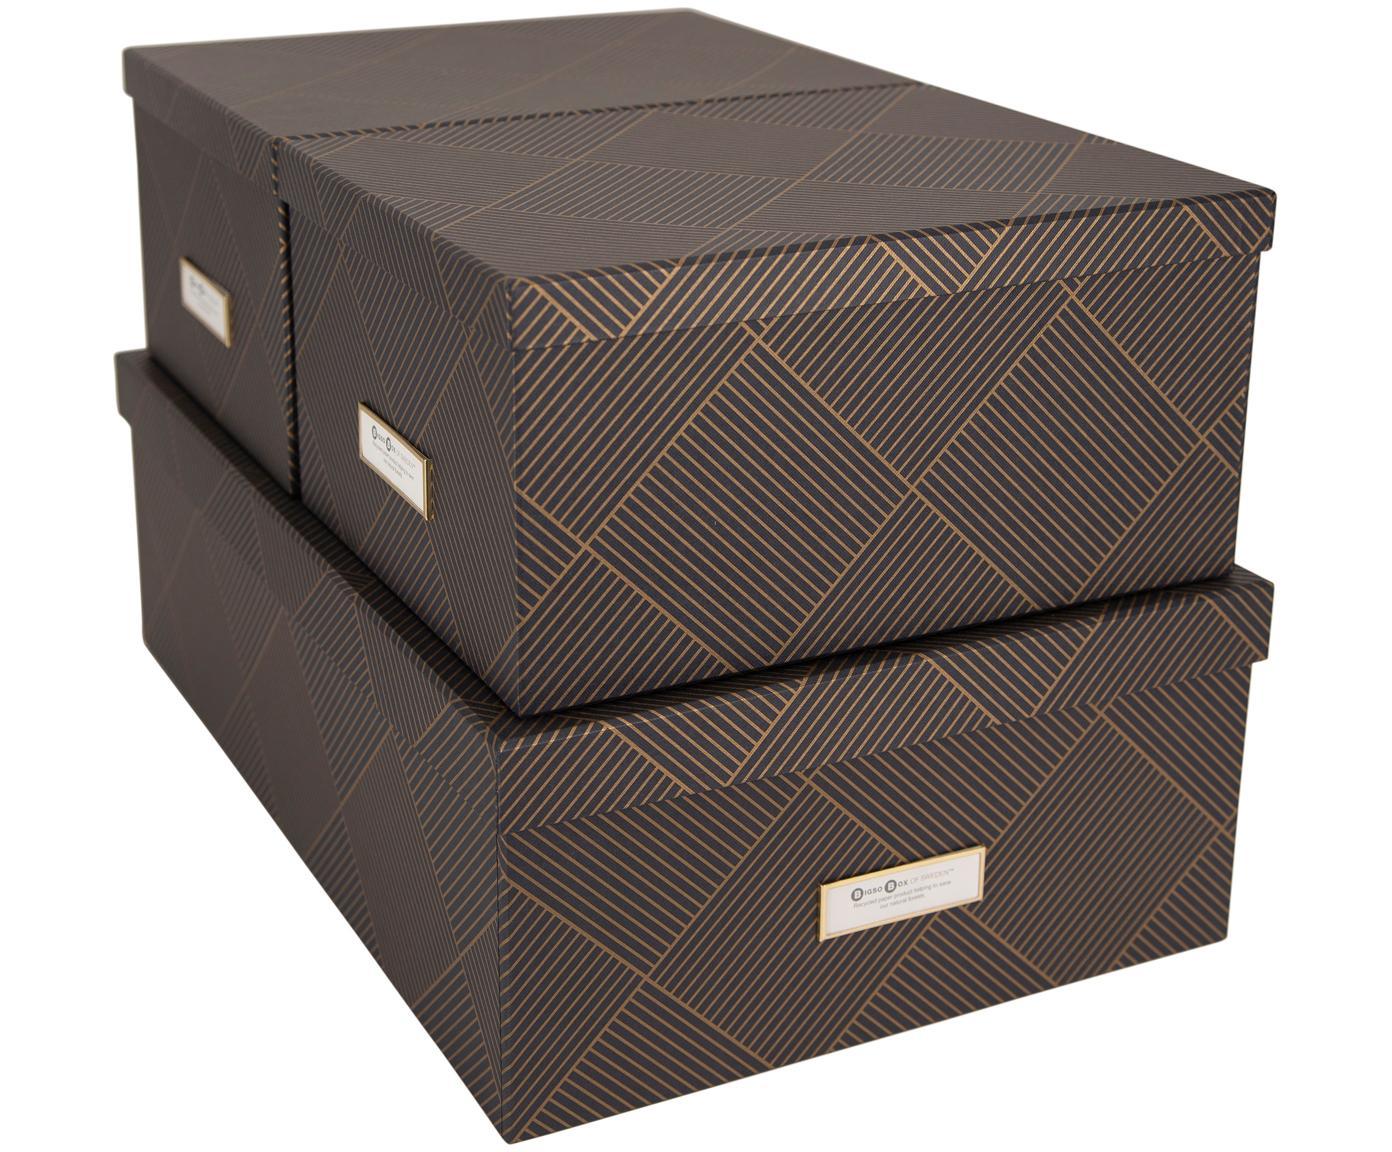 Komplet pudełek do przechowywania Inge, 3 elem., Odcienie złotego, ciemnyszary, Różne rozmiary